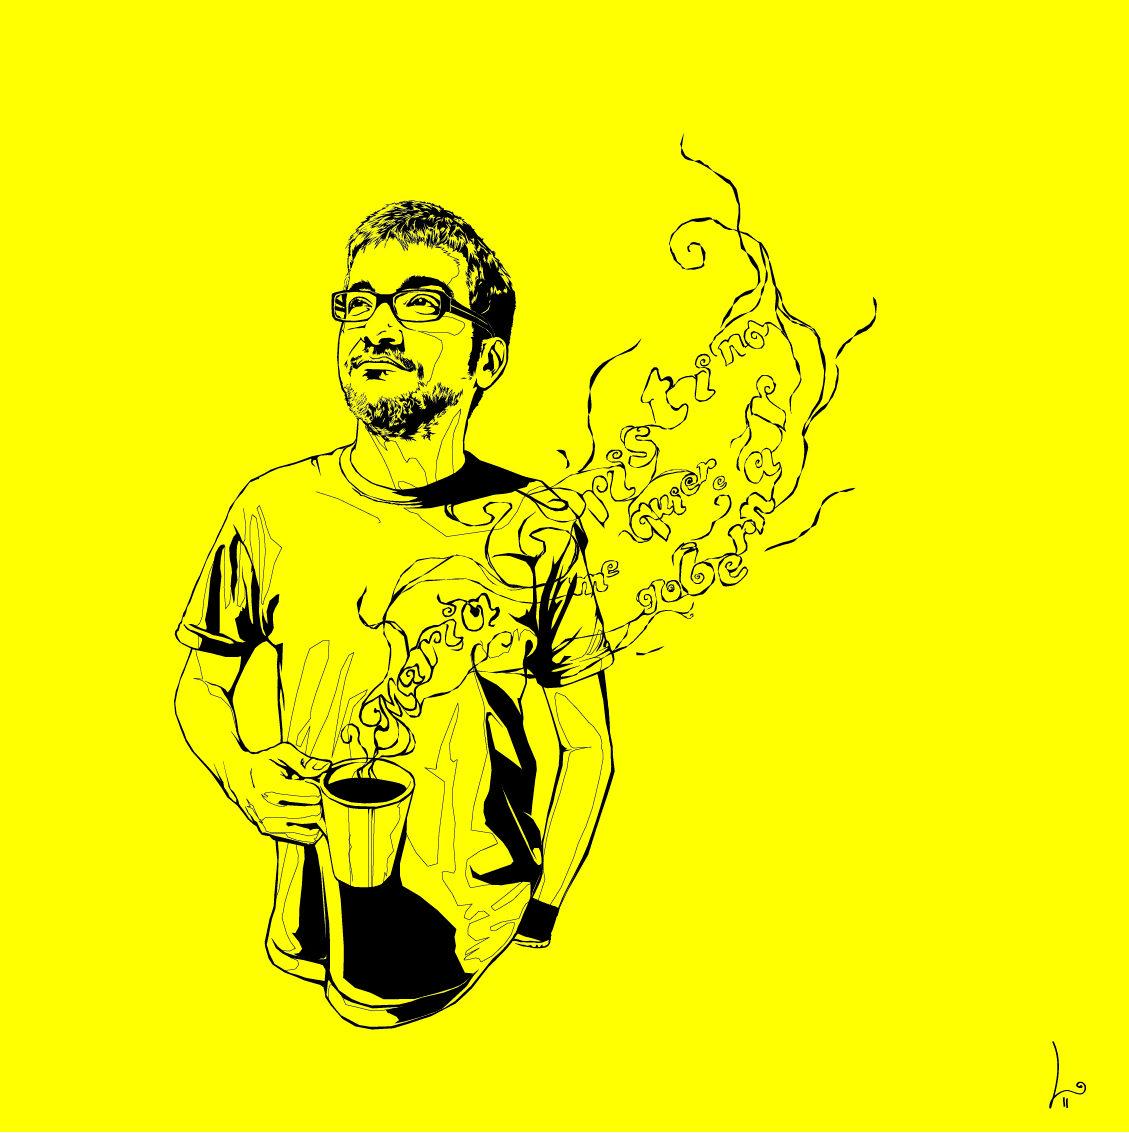 """JOSÉ. """"María Cristina me quiere gobernar. Digital Illustration"""